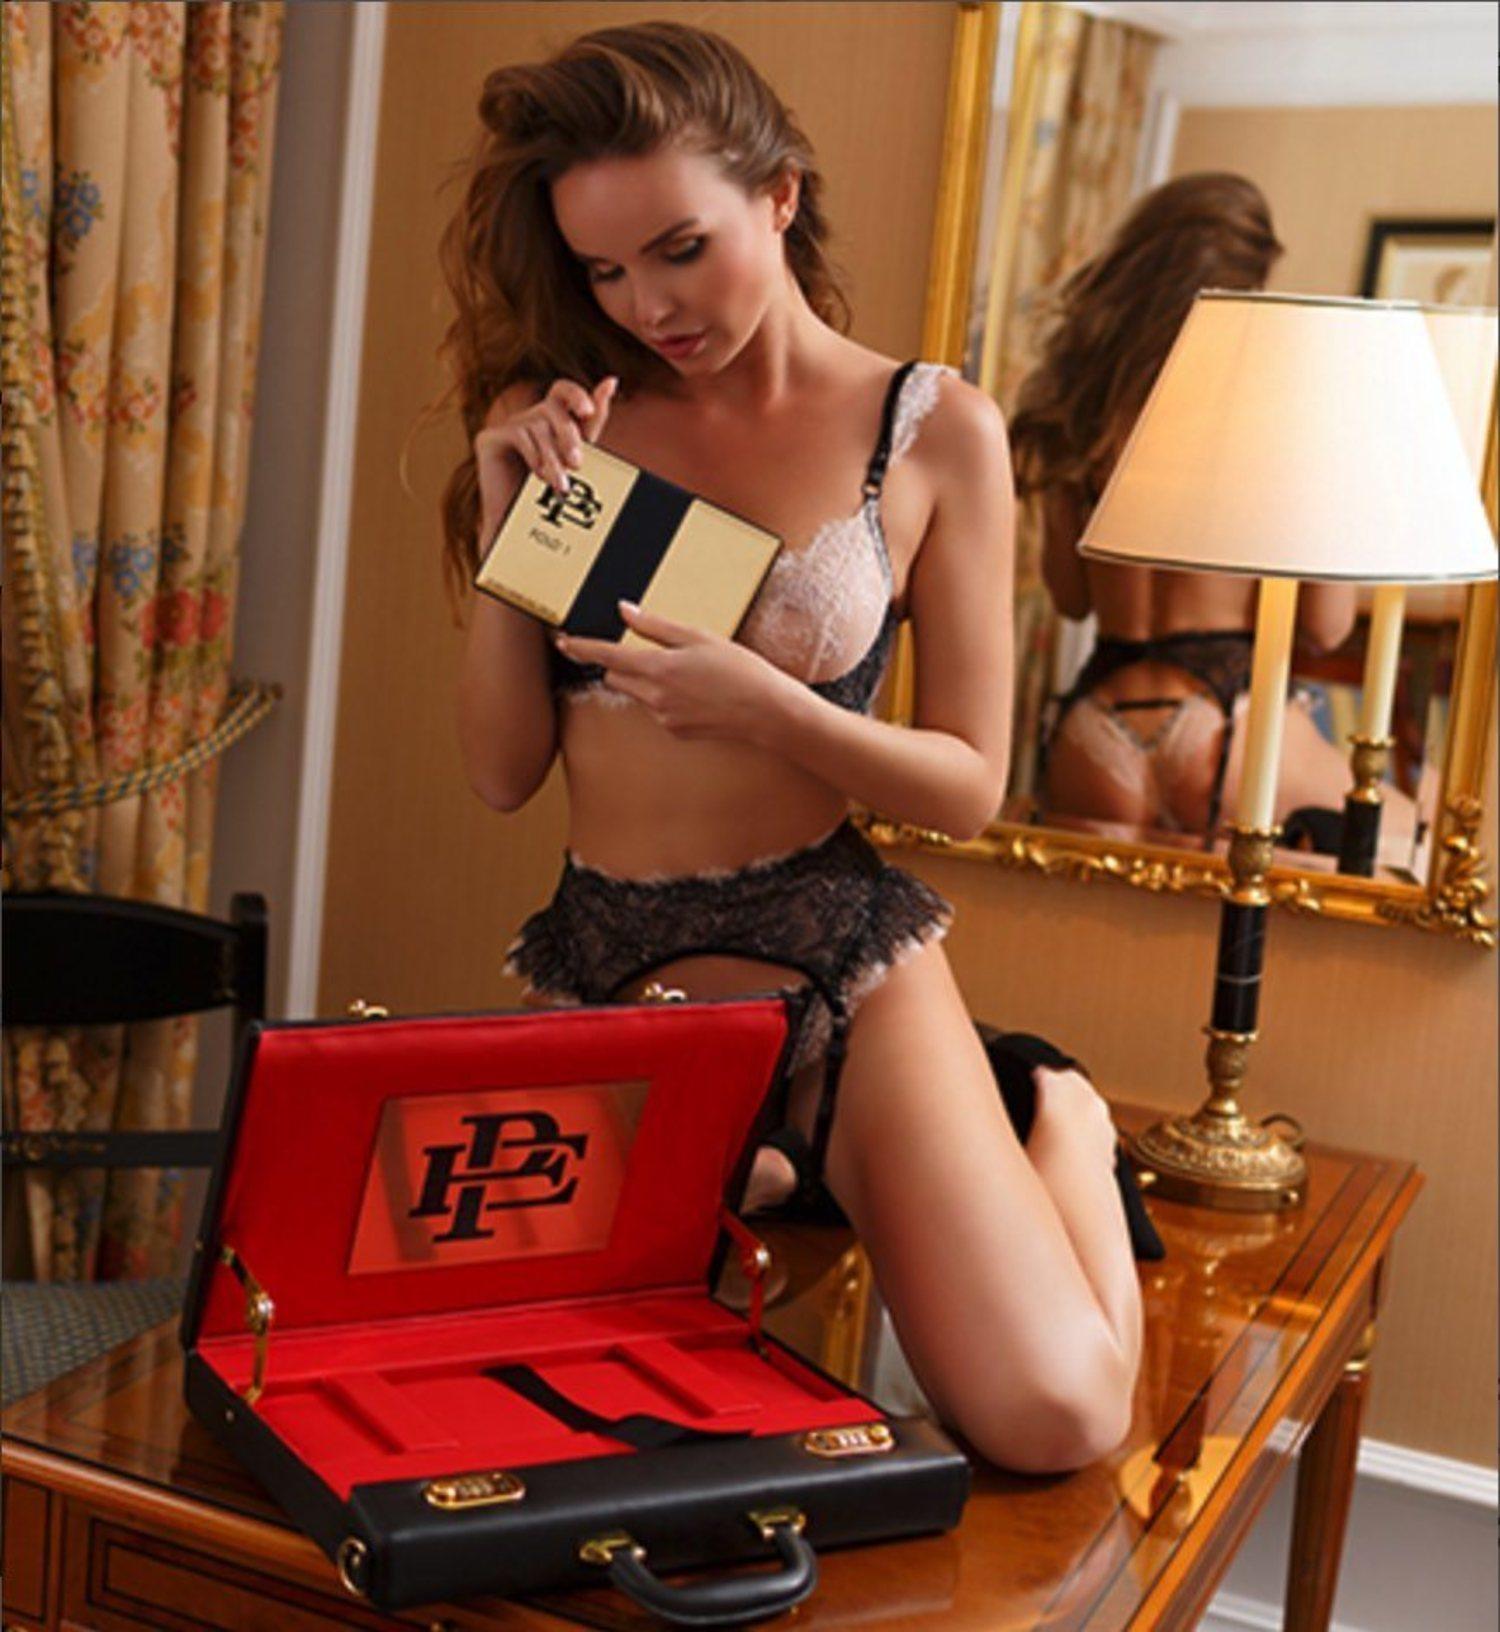 Mujeres, lujo y sensualidad, la estrategia de marketing del Escobar Fold 1.